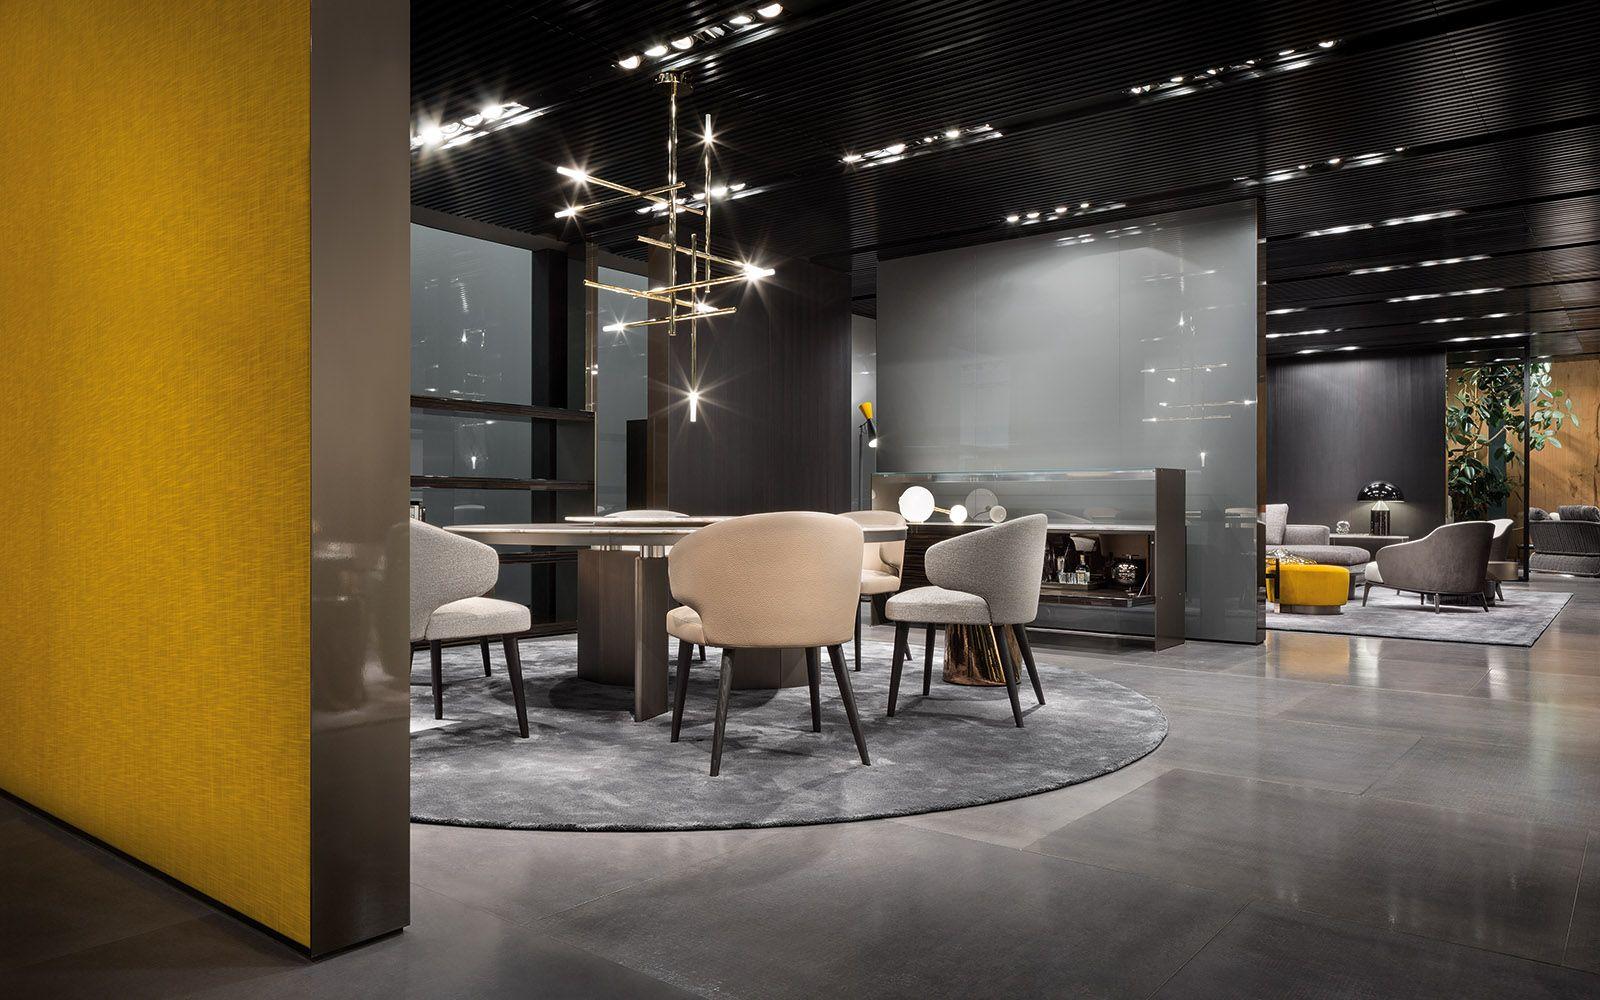 Fiera Del Mobile Colonia 2018 minotti @ imm cologne 2018 morgan marble table, aston